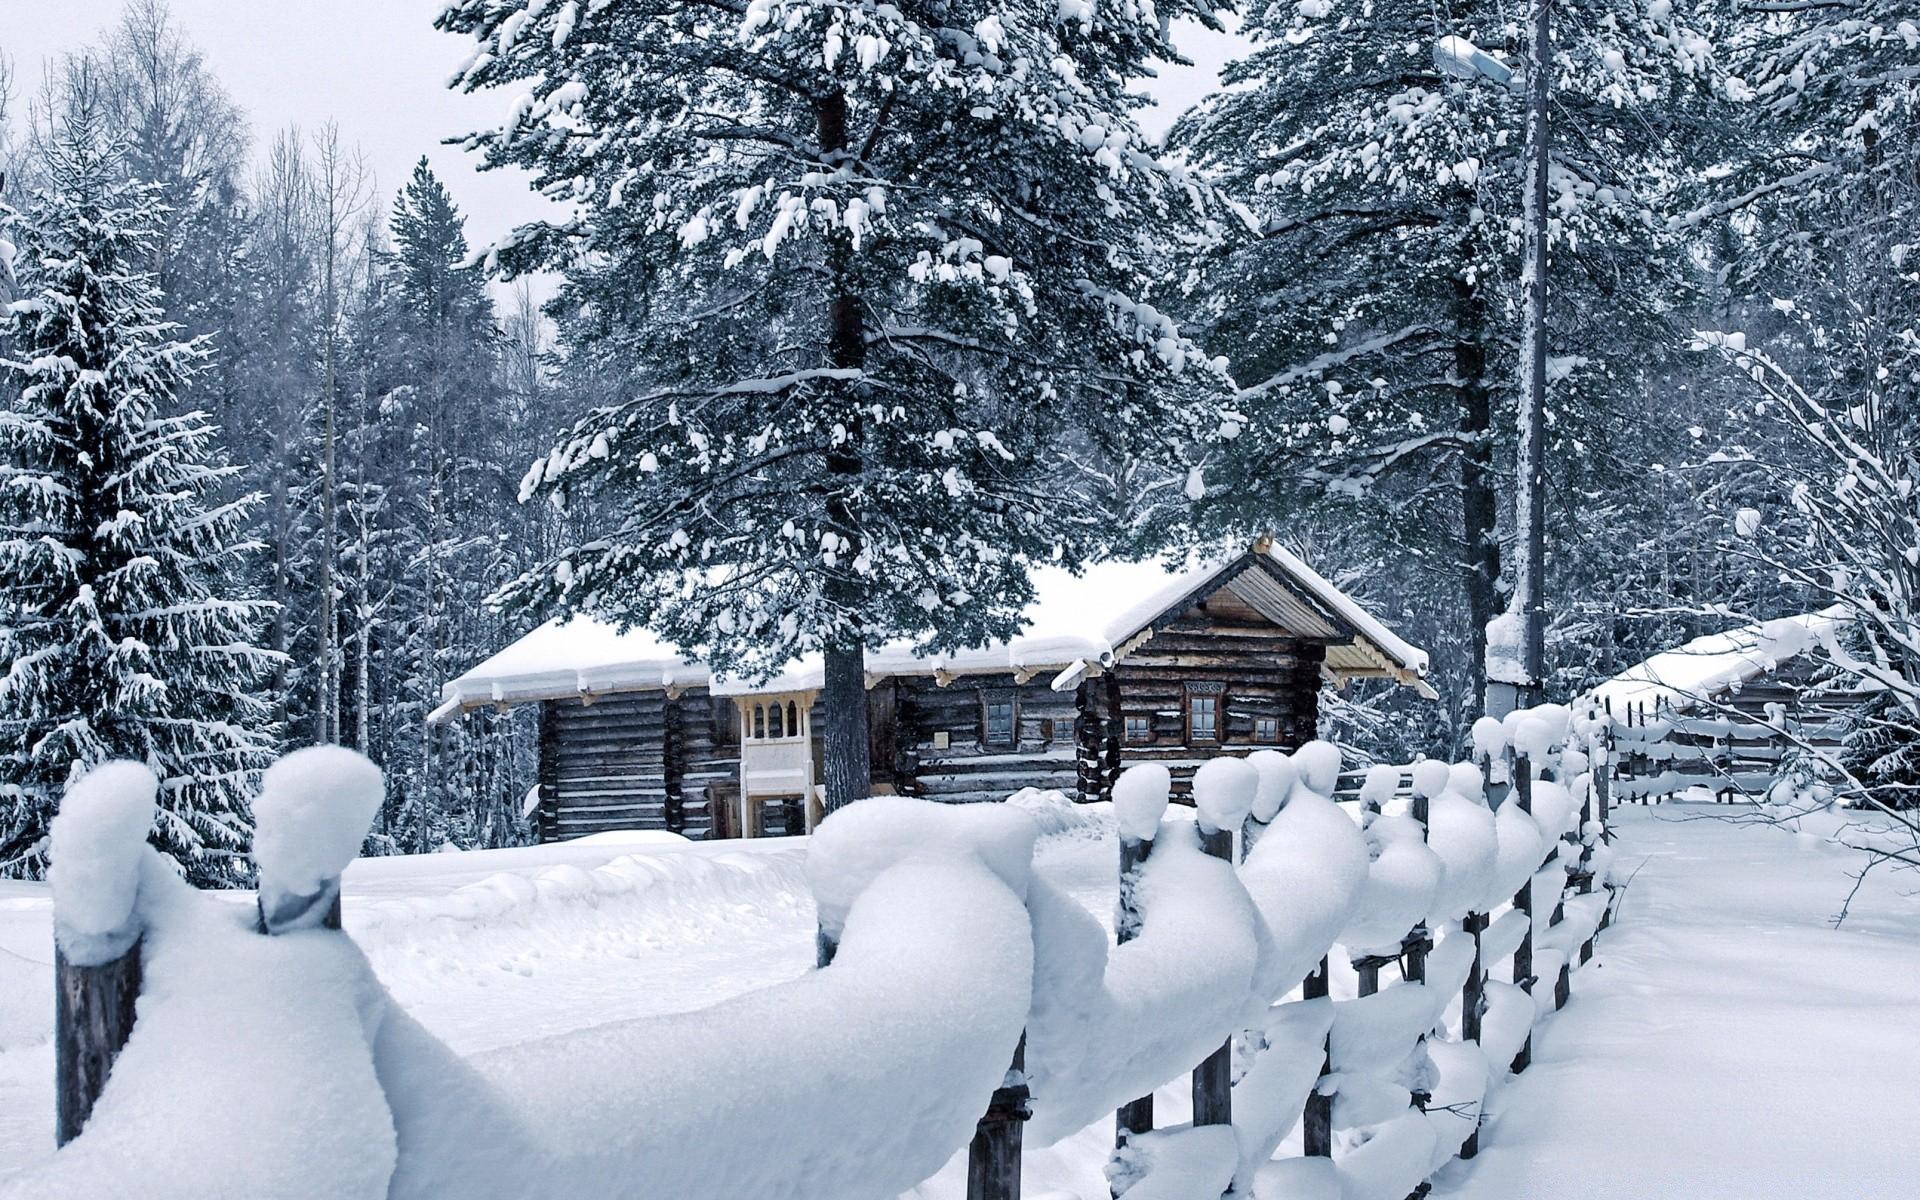 стала картинки для рабочего стола зима в деревне технику